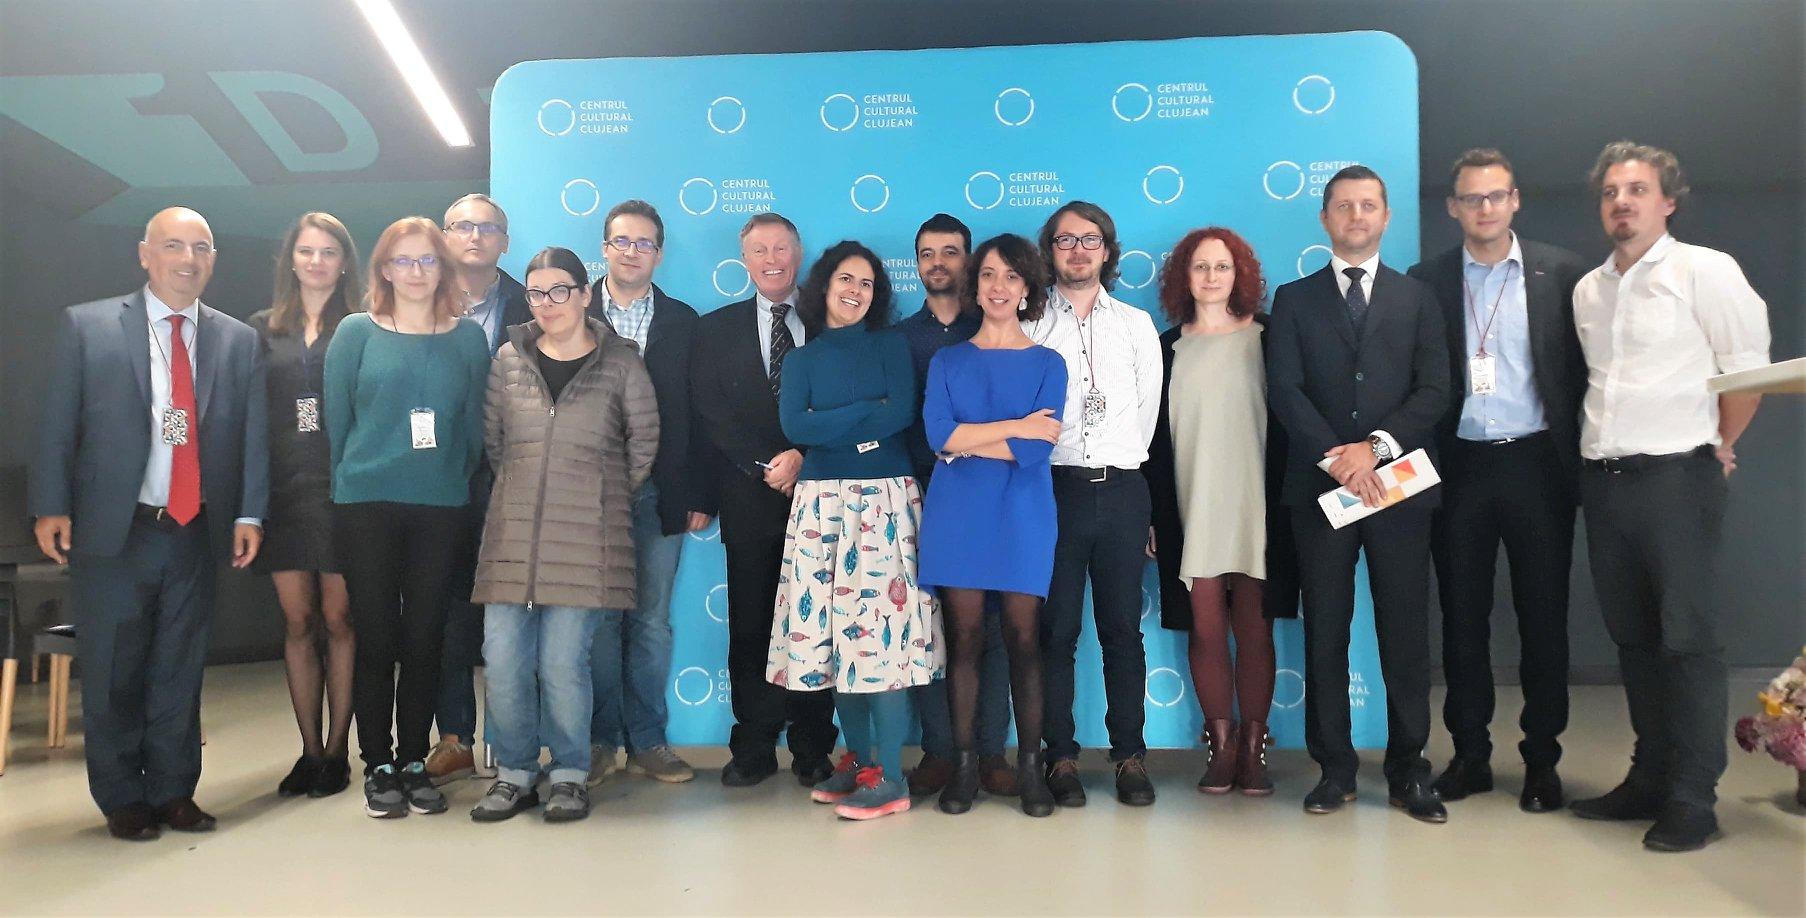 Clujul va avea o Divizie de Inovare Urbană, înfiinţată de primărie şi Centrul Cultural Clujean